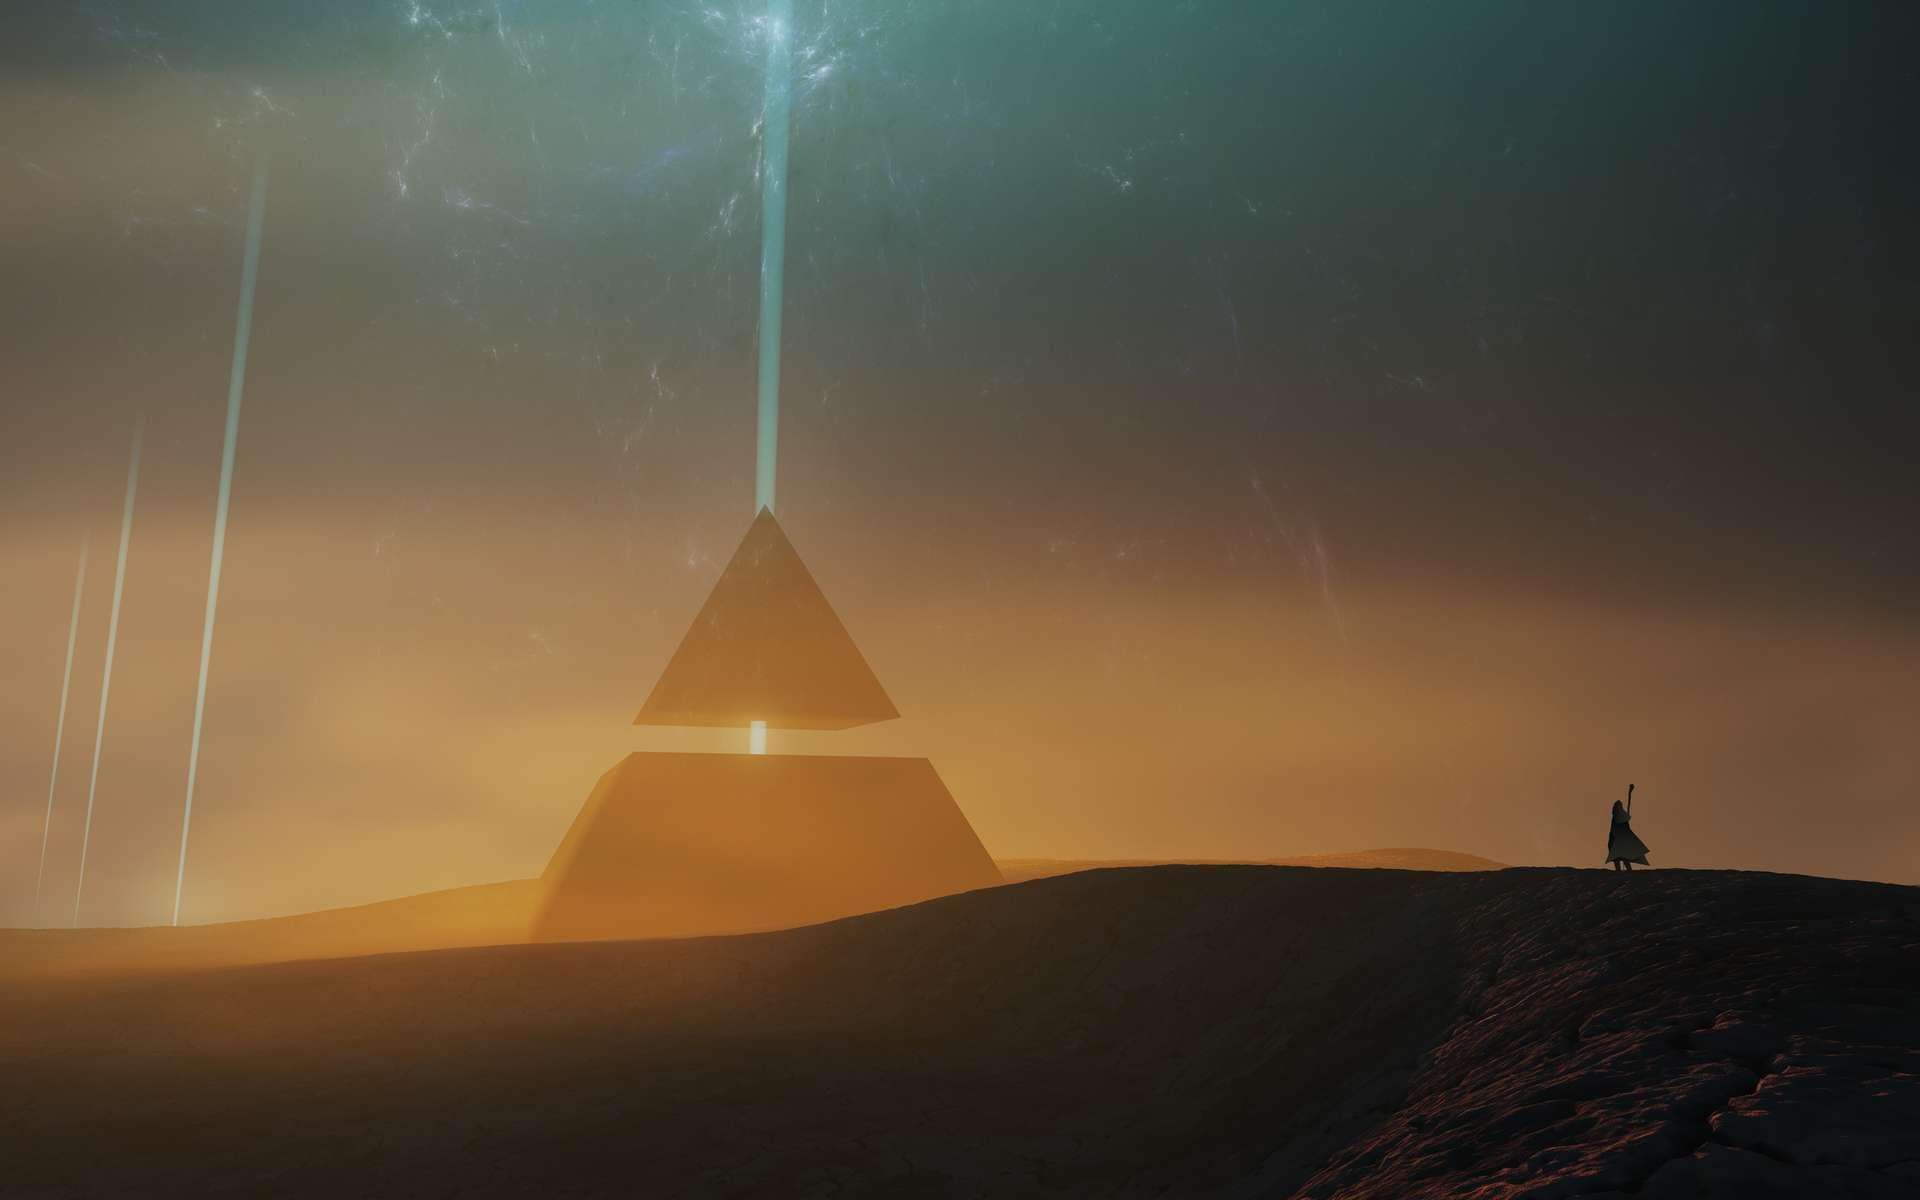 Dans le jeu des Trois corps, désert où règnent les climats les plus extrêmes, seule résiste, solitaire, une pyramide qui traverse les siècles. © andreiuc88, Adobe Stock